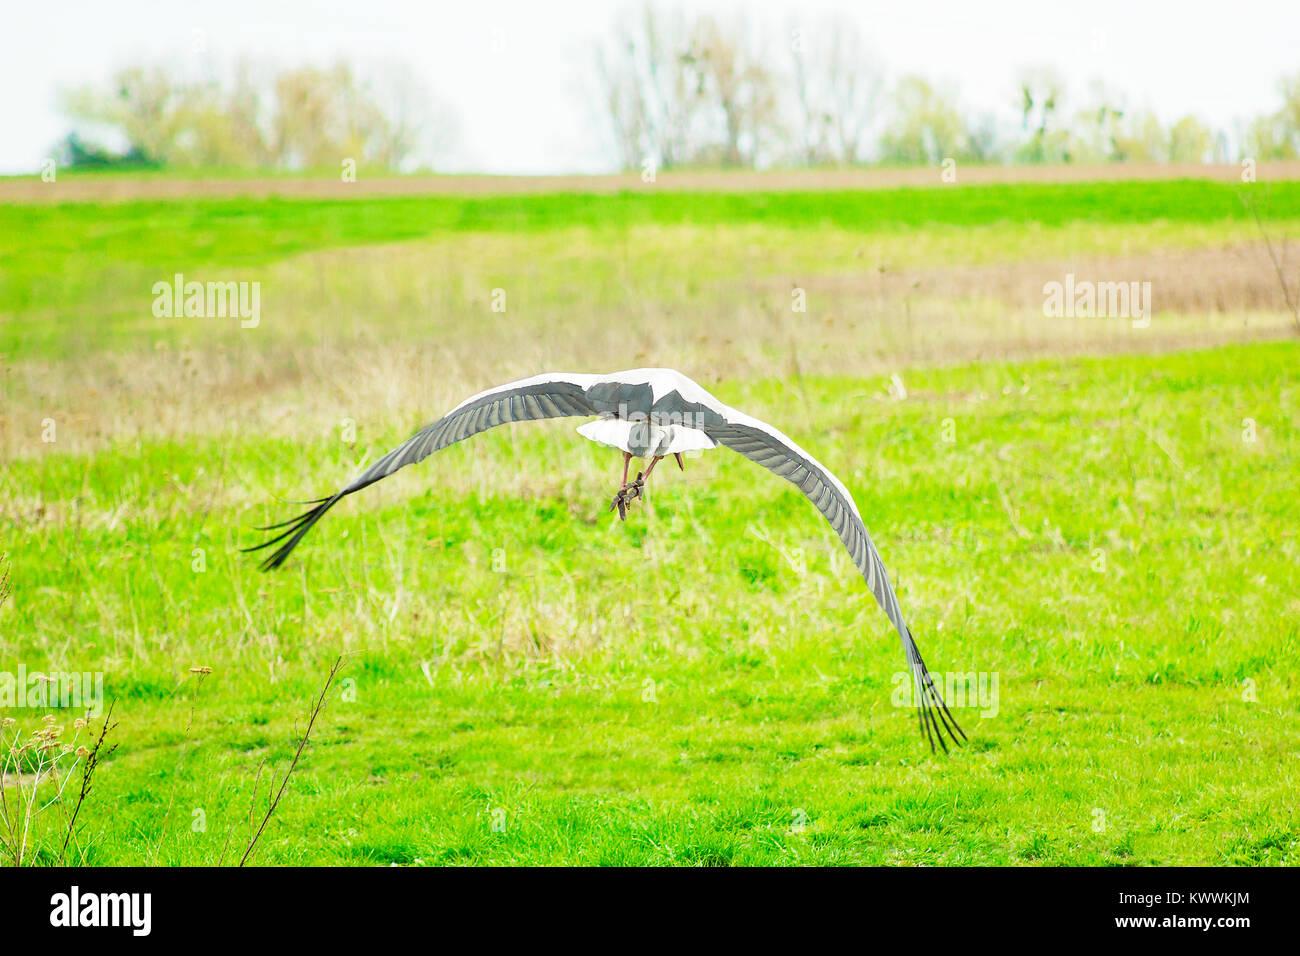 Stork soars above green field, scene of wildlife Stock Photo